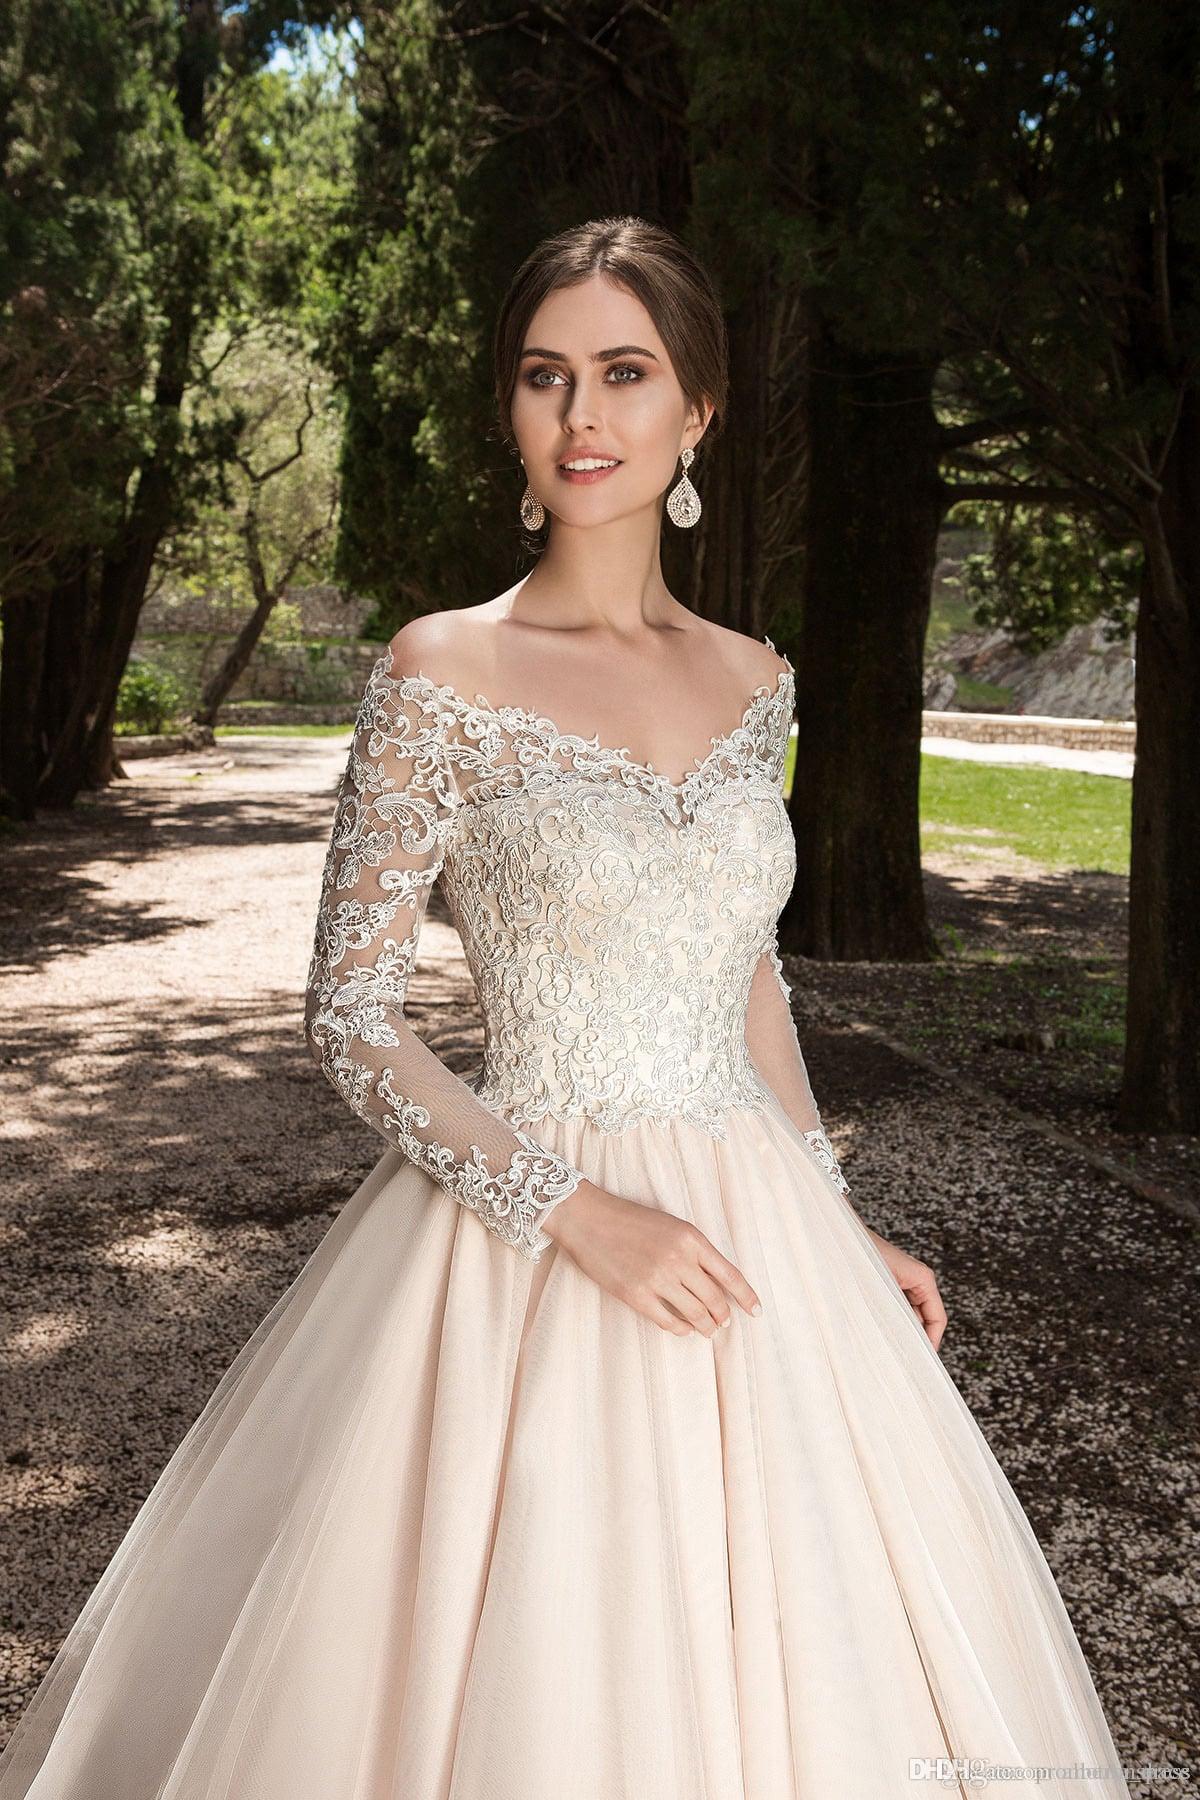 Старинные кружева с длинными рукавами плюс размер свадебных платьев свадебное платье с пуговицей на спине плюс размер свадебного платья в стиле графства